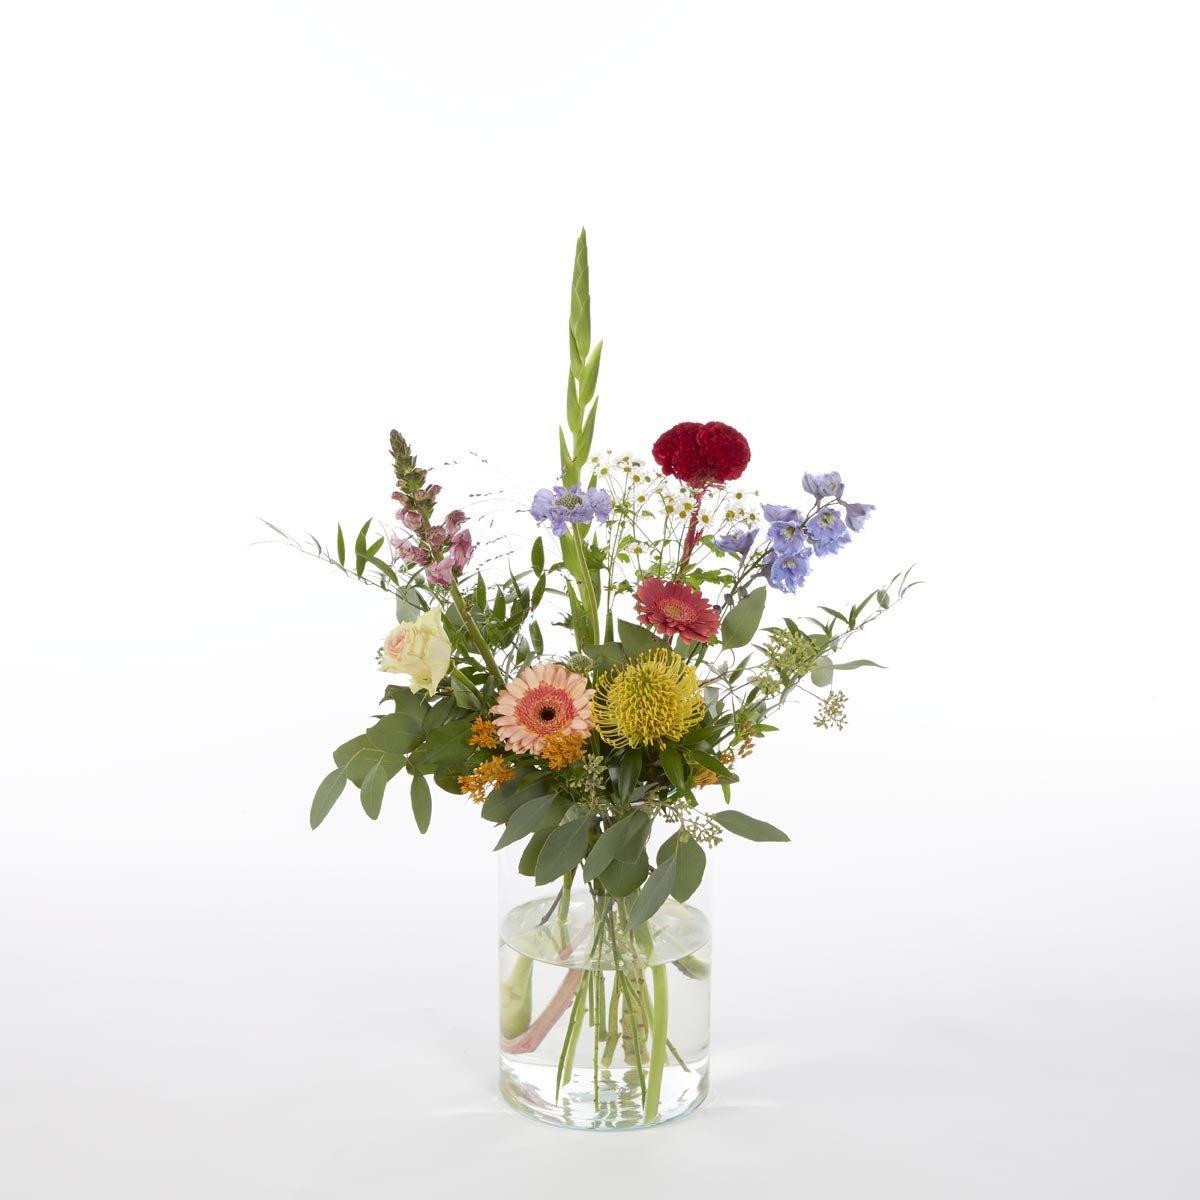 Veens bloemetje Bianca (Medium)